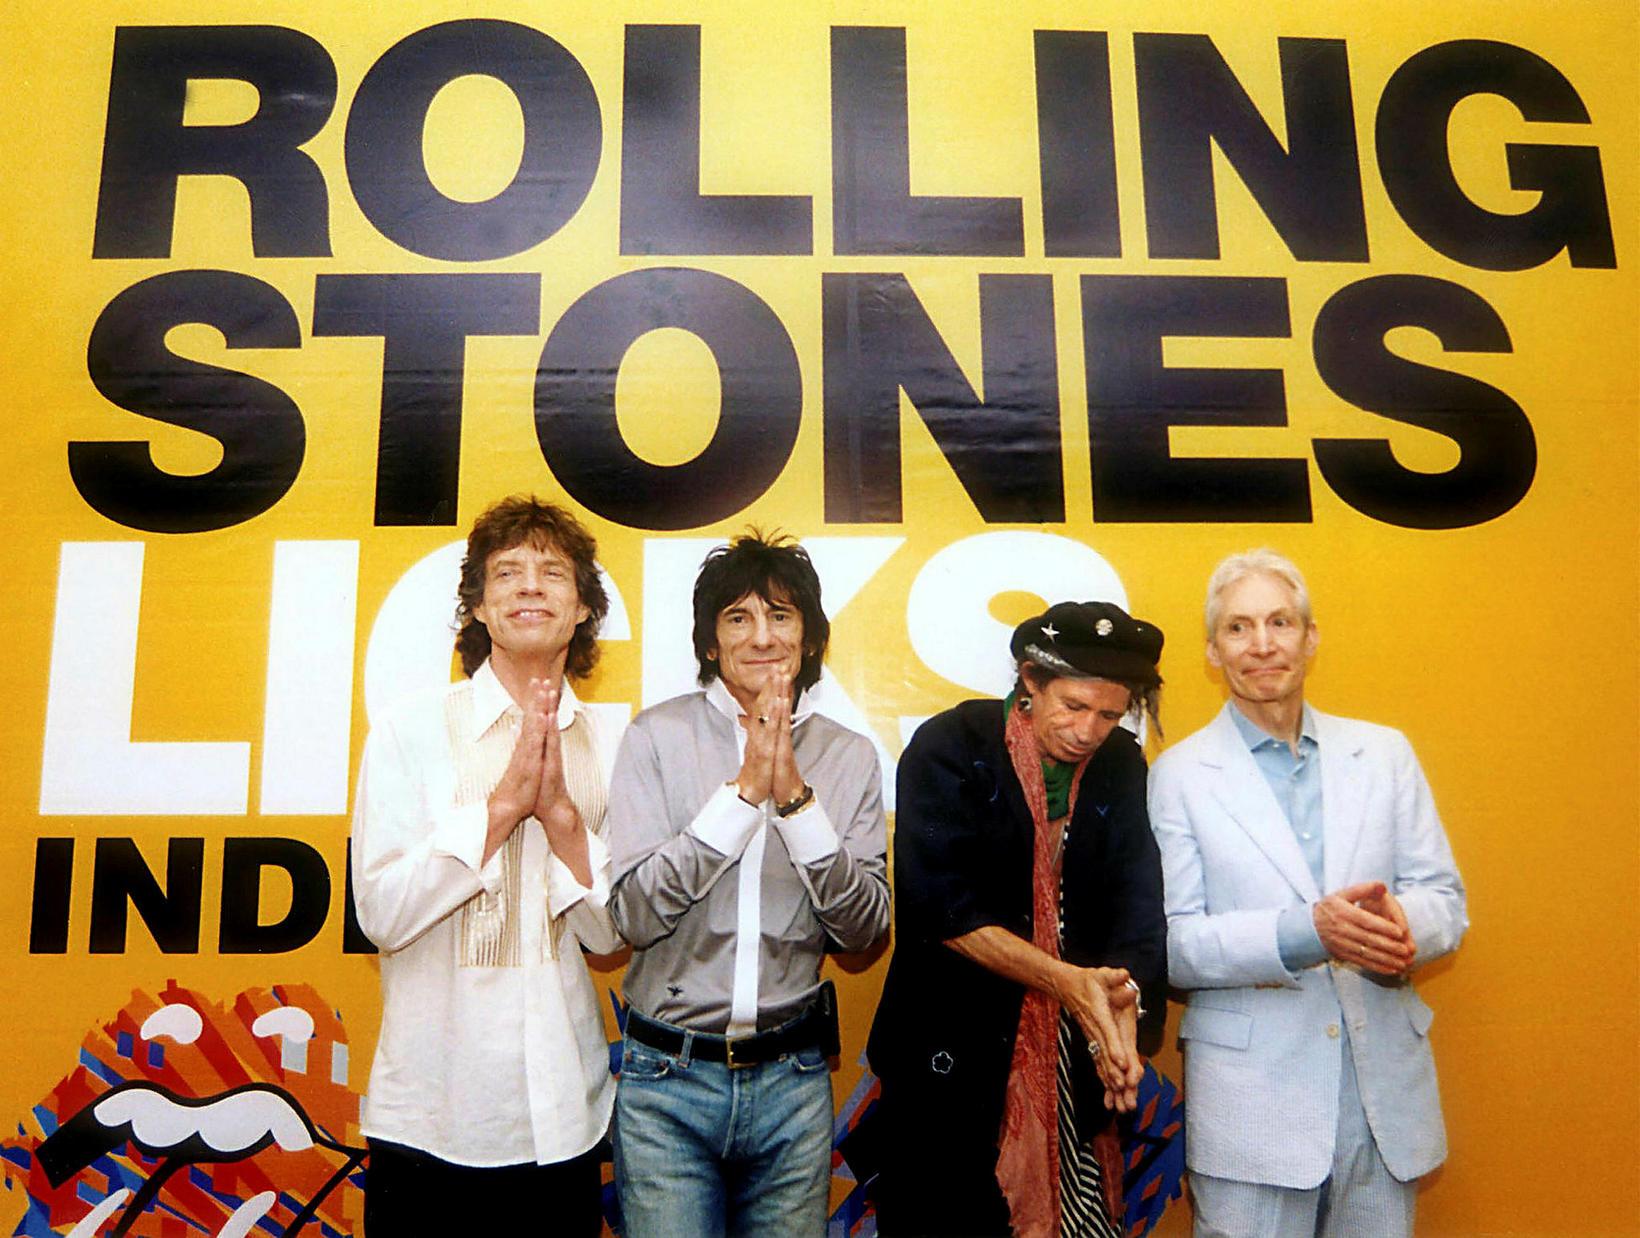 Paul McCartney sagði The Rolling Stones vera blústónlistar ábreiðuband.